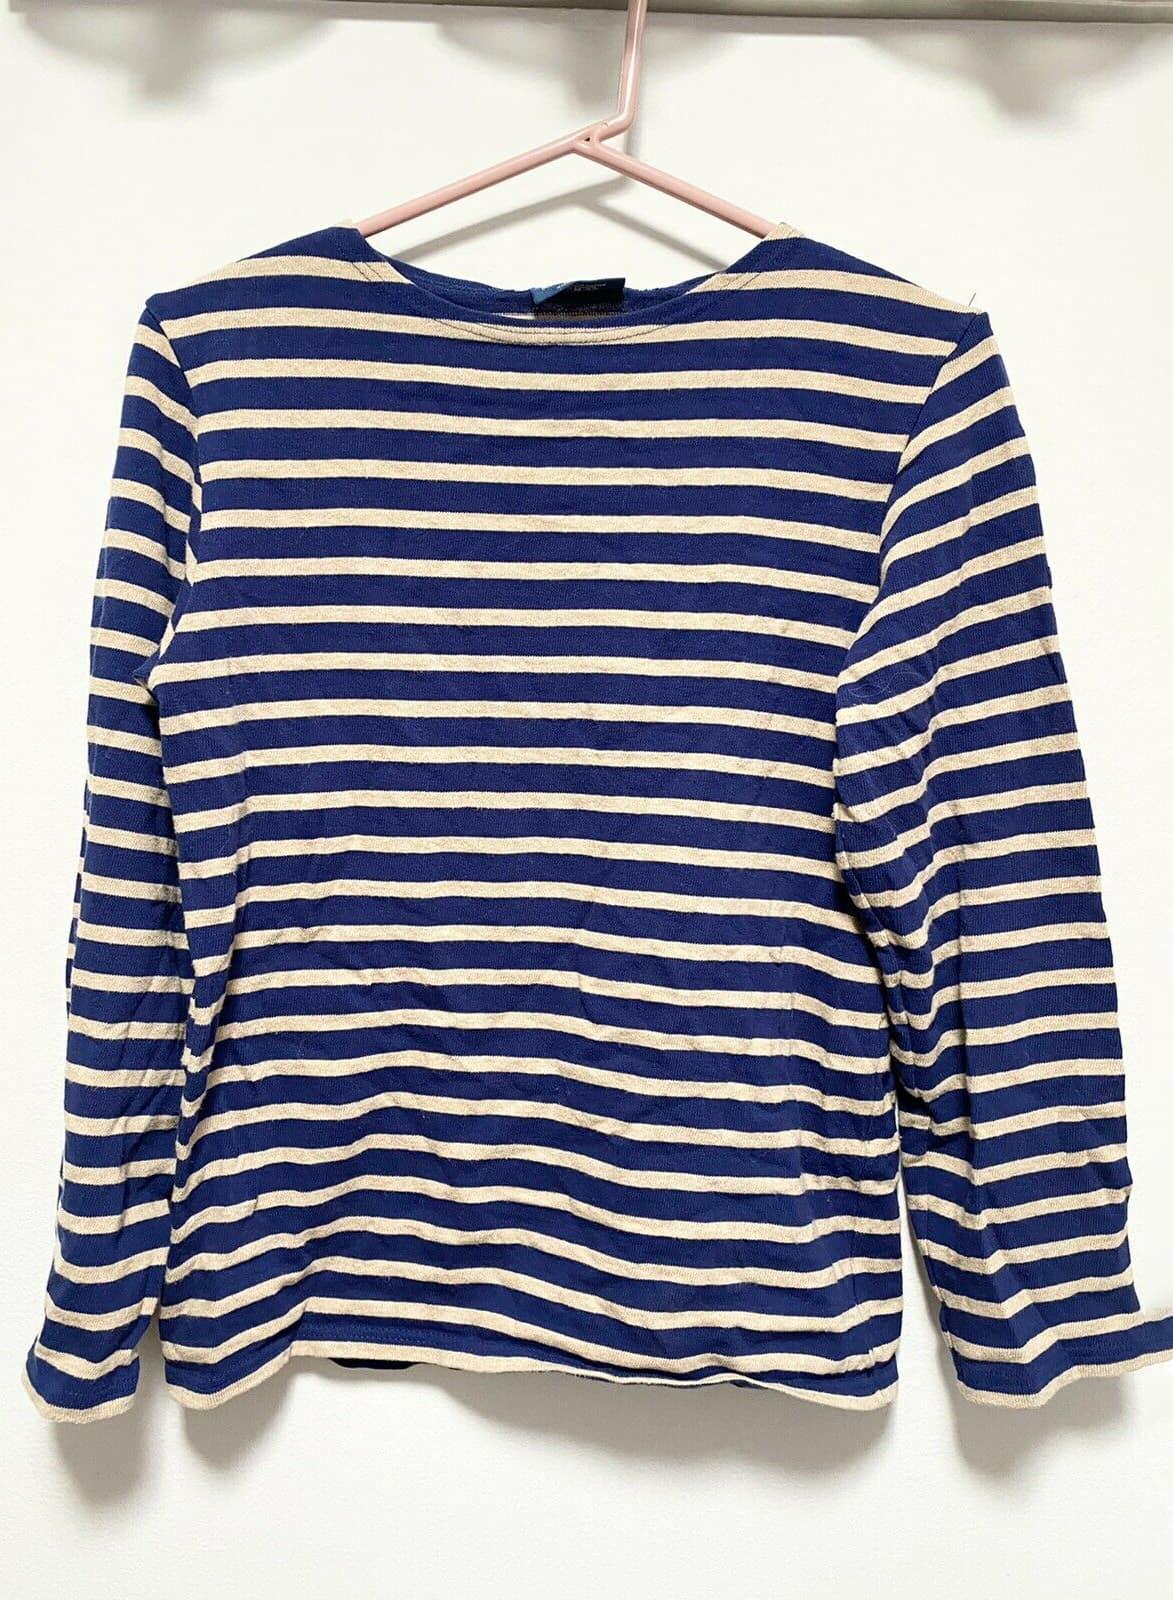 Saint James Striped Shirt Top Size XS